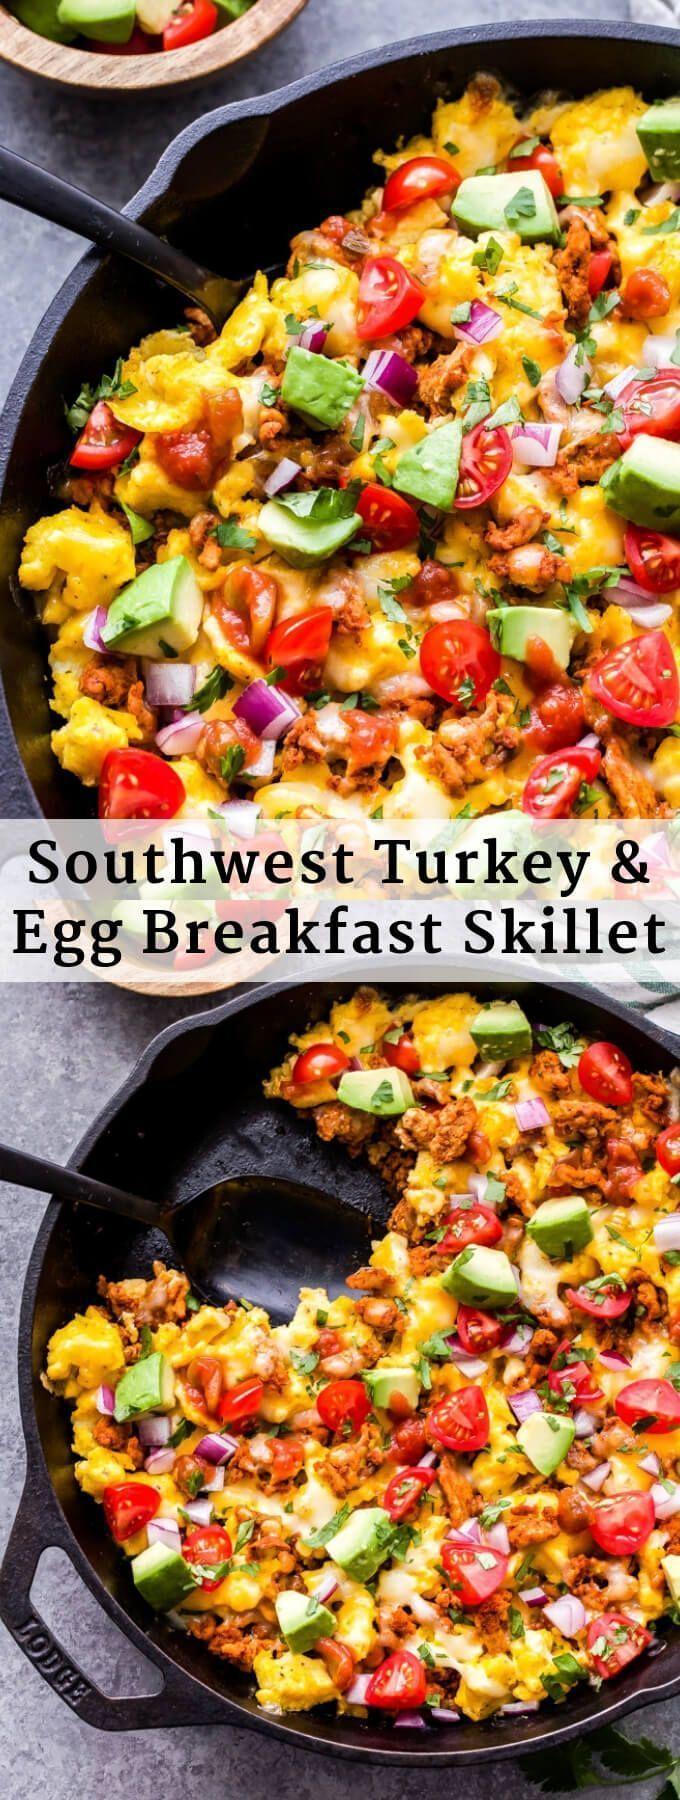 Southwest Turkey and Egg Breakfast Skillet - Recipe Runner